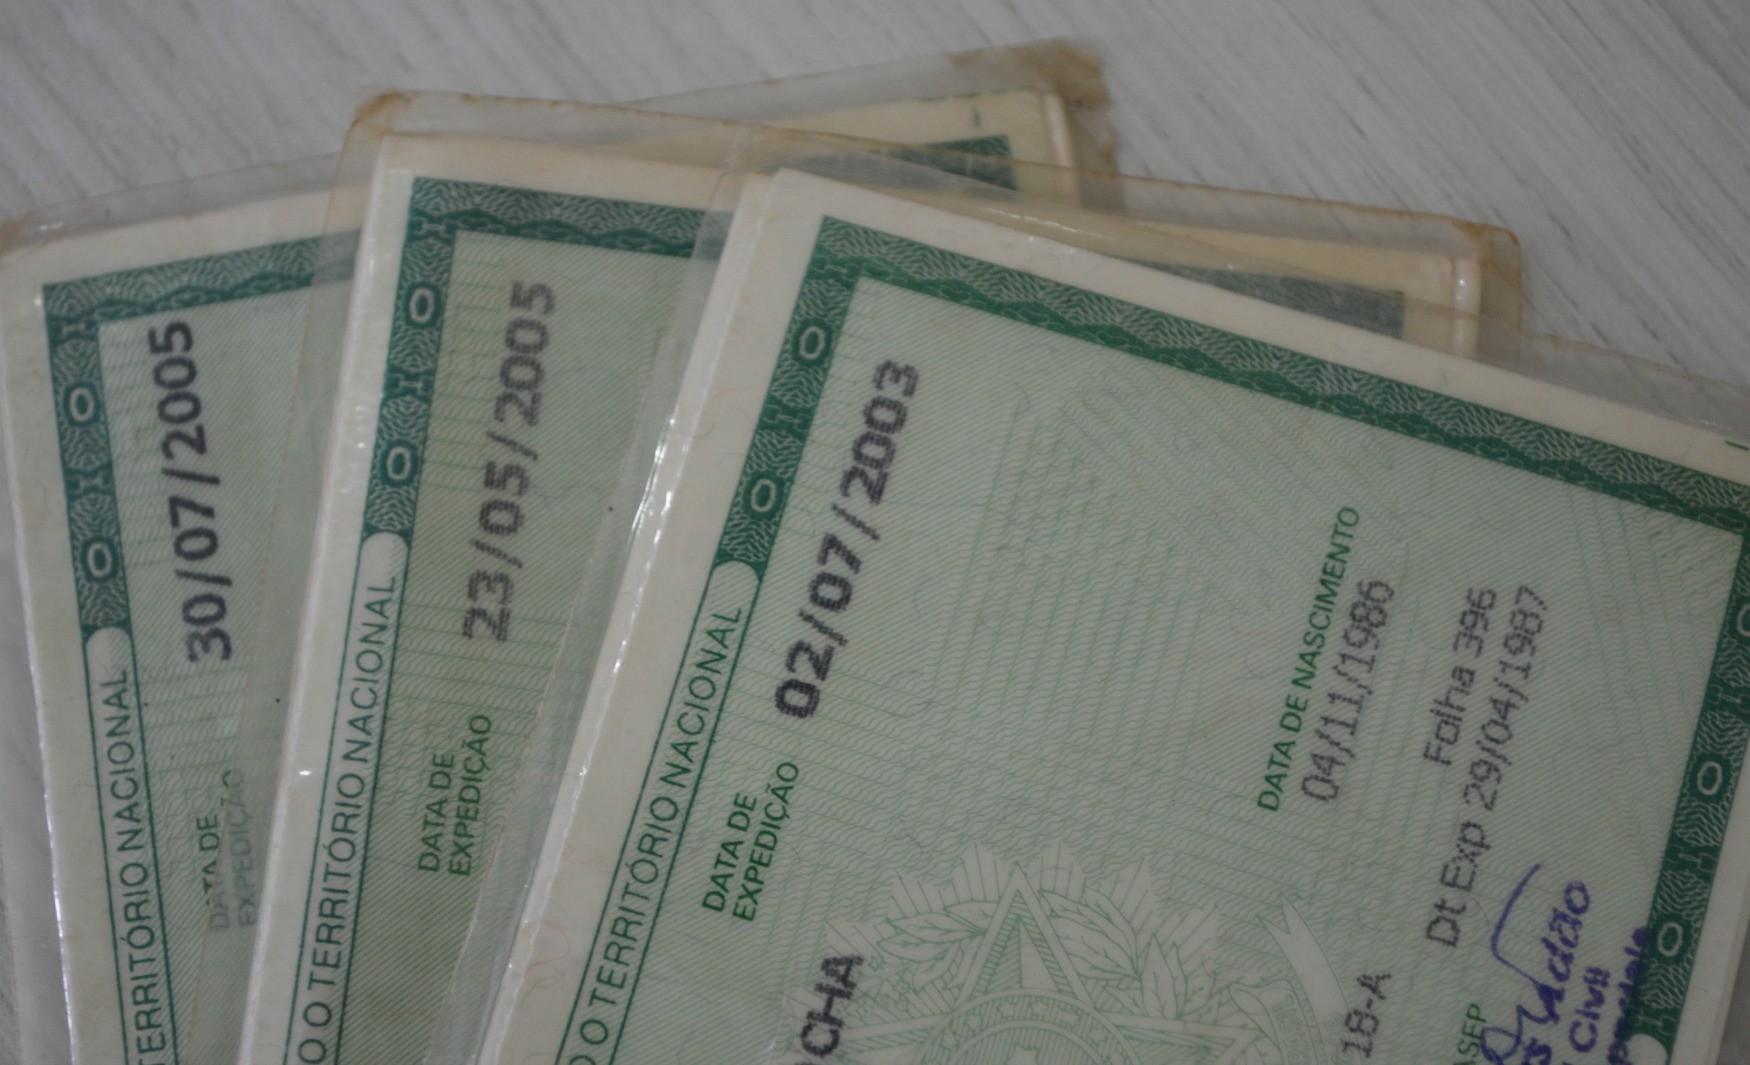 Emissão de Carteira de Identidade está suspensa em Pimenta Bueno, RO